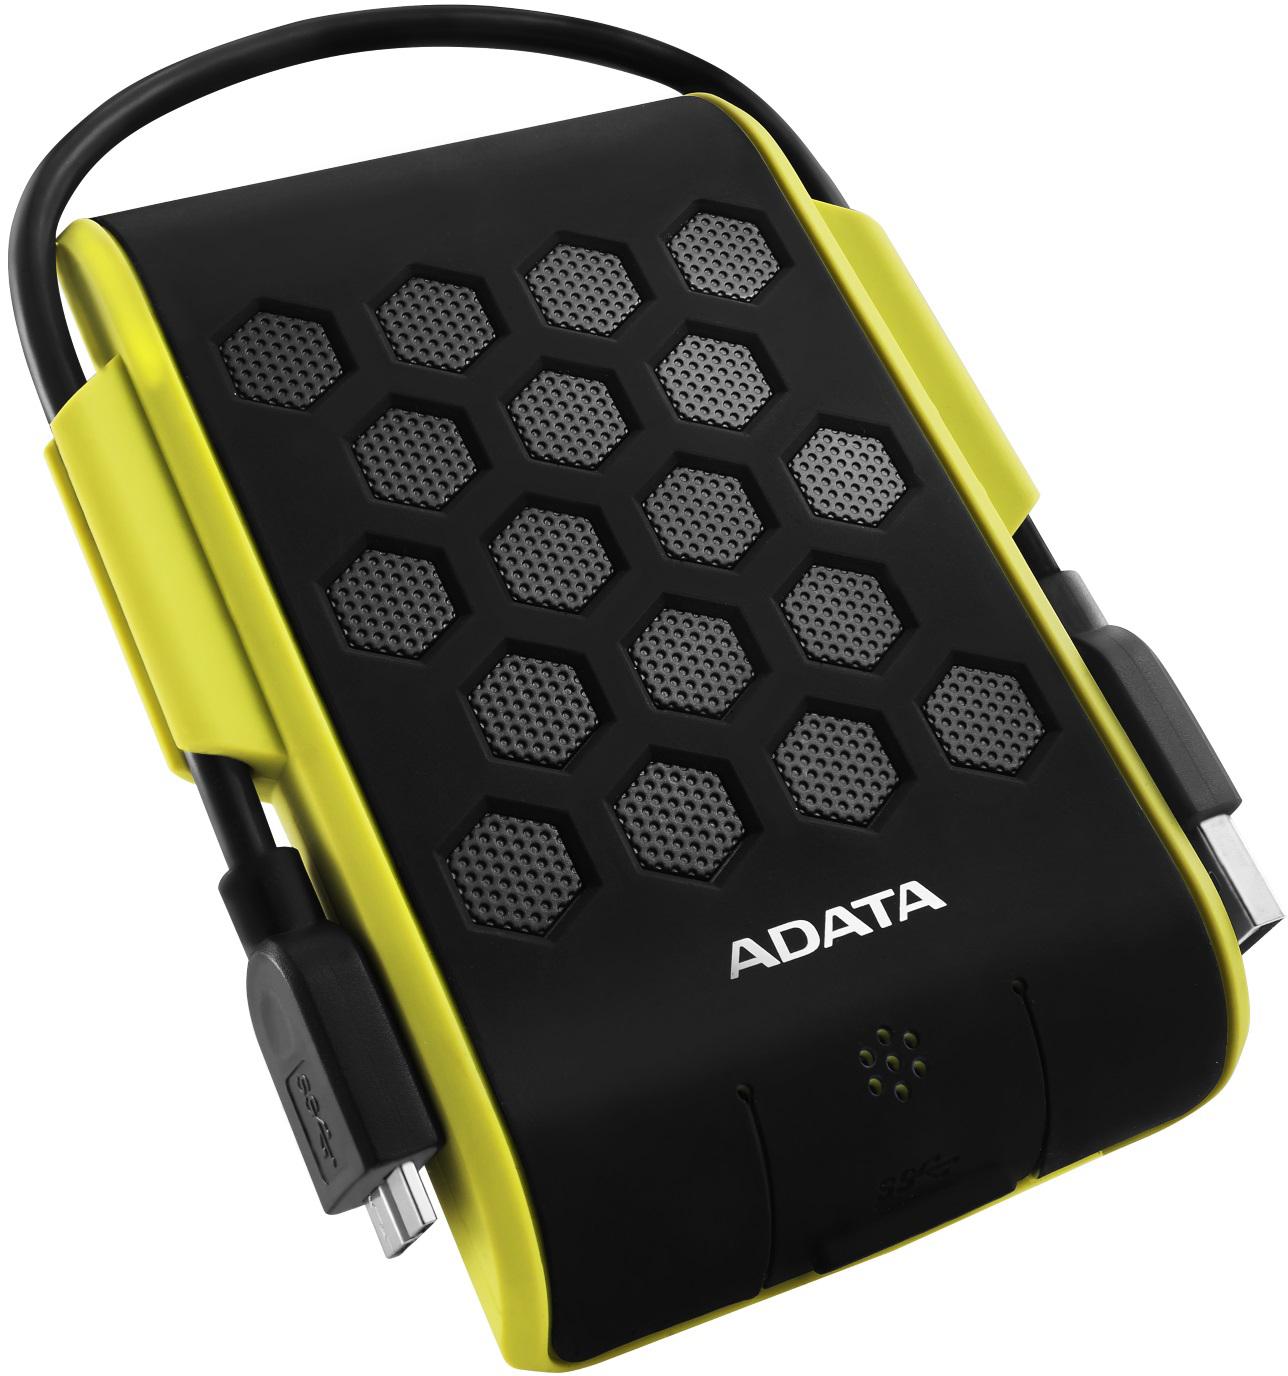 """Adata HD720 2.5"""", 2Tb, USB 3.0 (AHD720-2TU3-CGR) - внешний жесткий диск (Green)"""